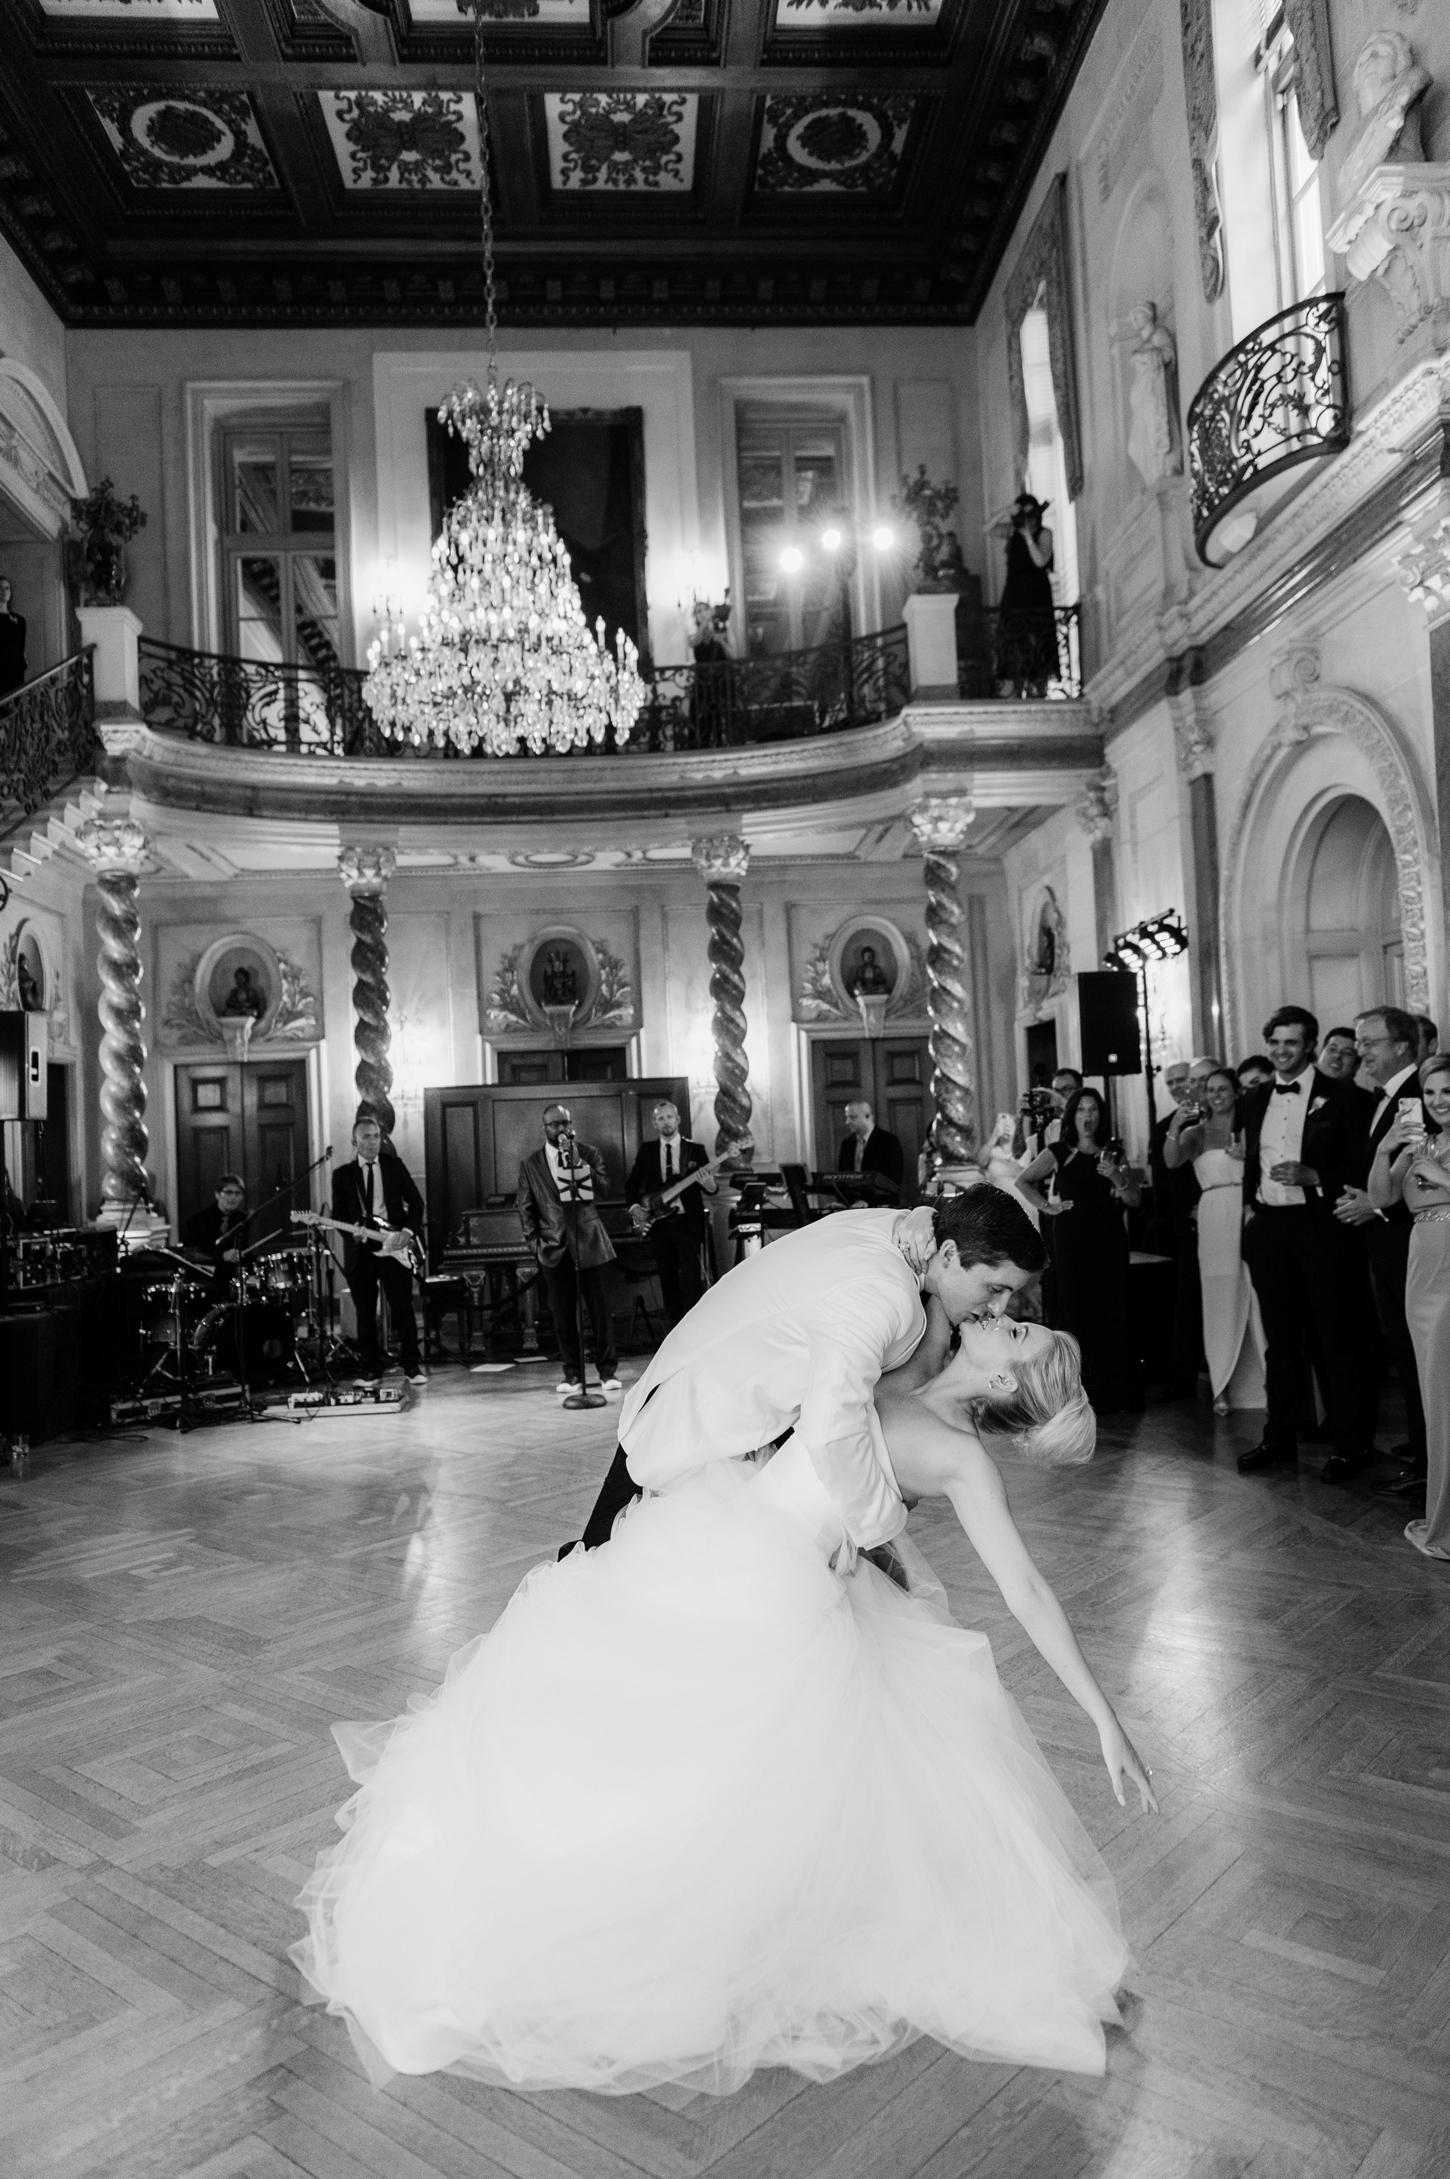 groom dips bride during reception on dance floor